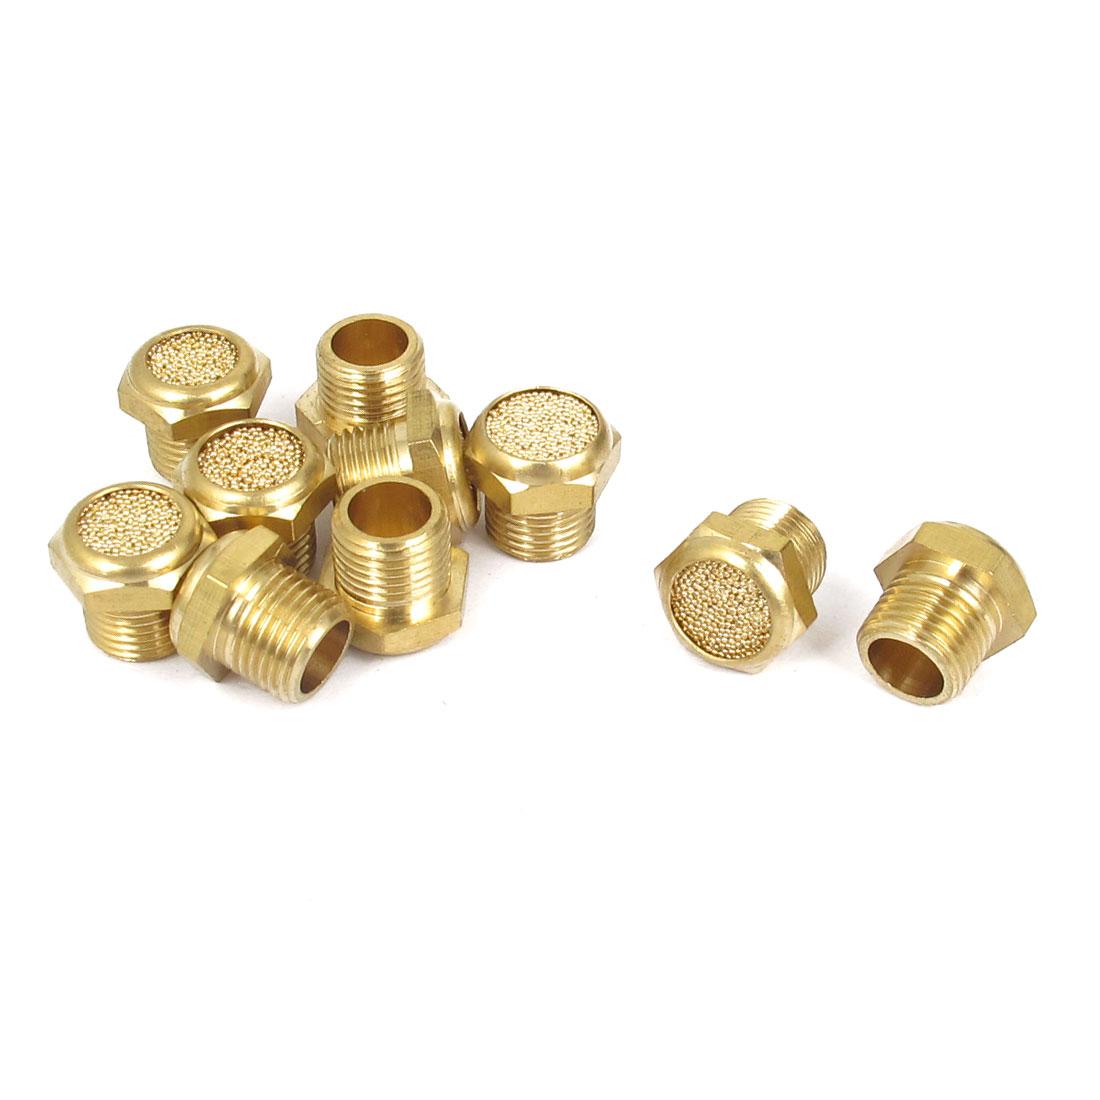 1/8BSP Flat Head Brass Pneumatic Muffler Noise Exhaust 10pcs